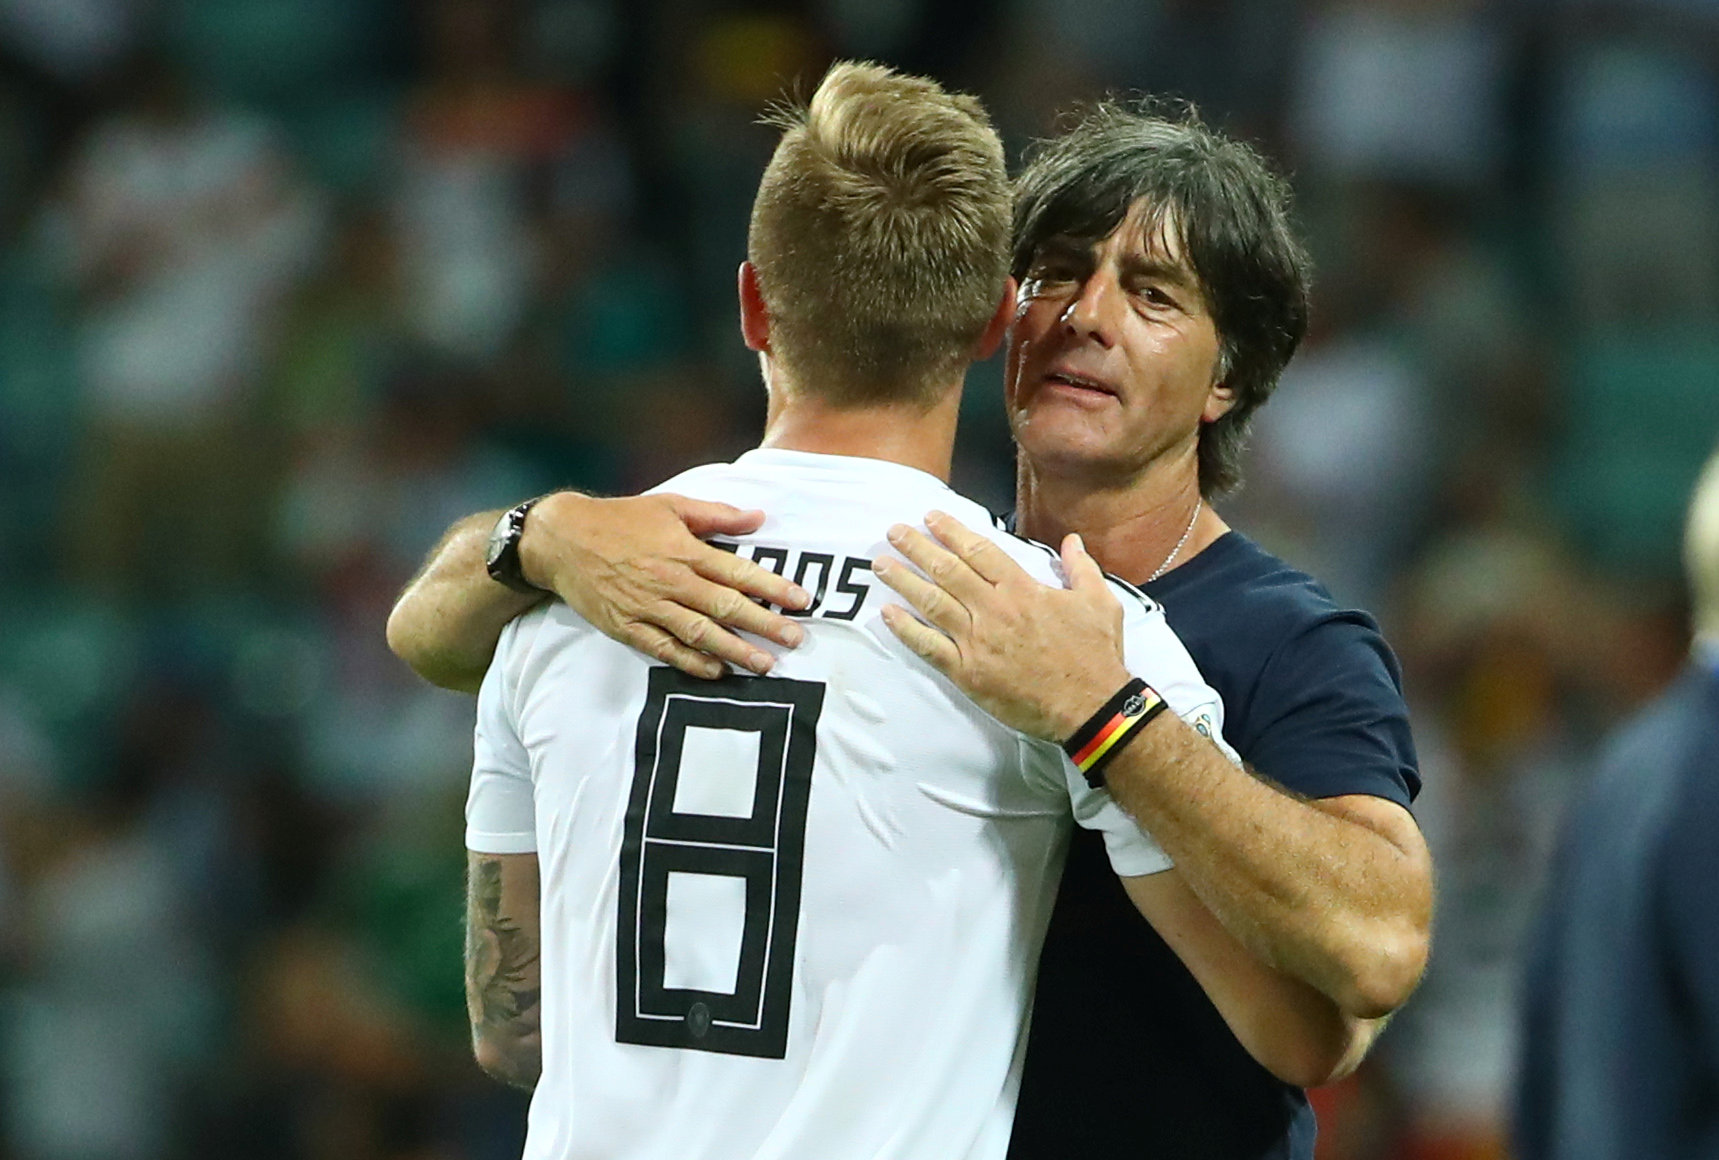 Coupe du monde 2018 l allemagne pour confirmer russie 2018 coupe du monde football - Resultats coupe du monde handball ...